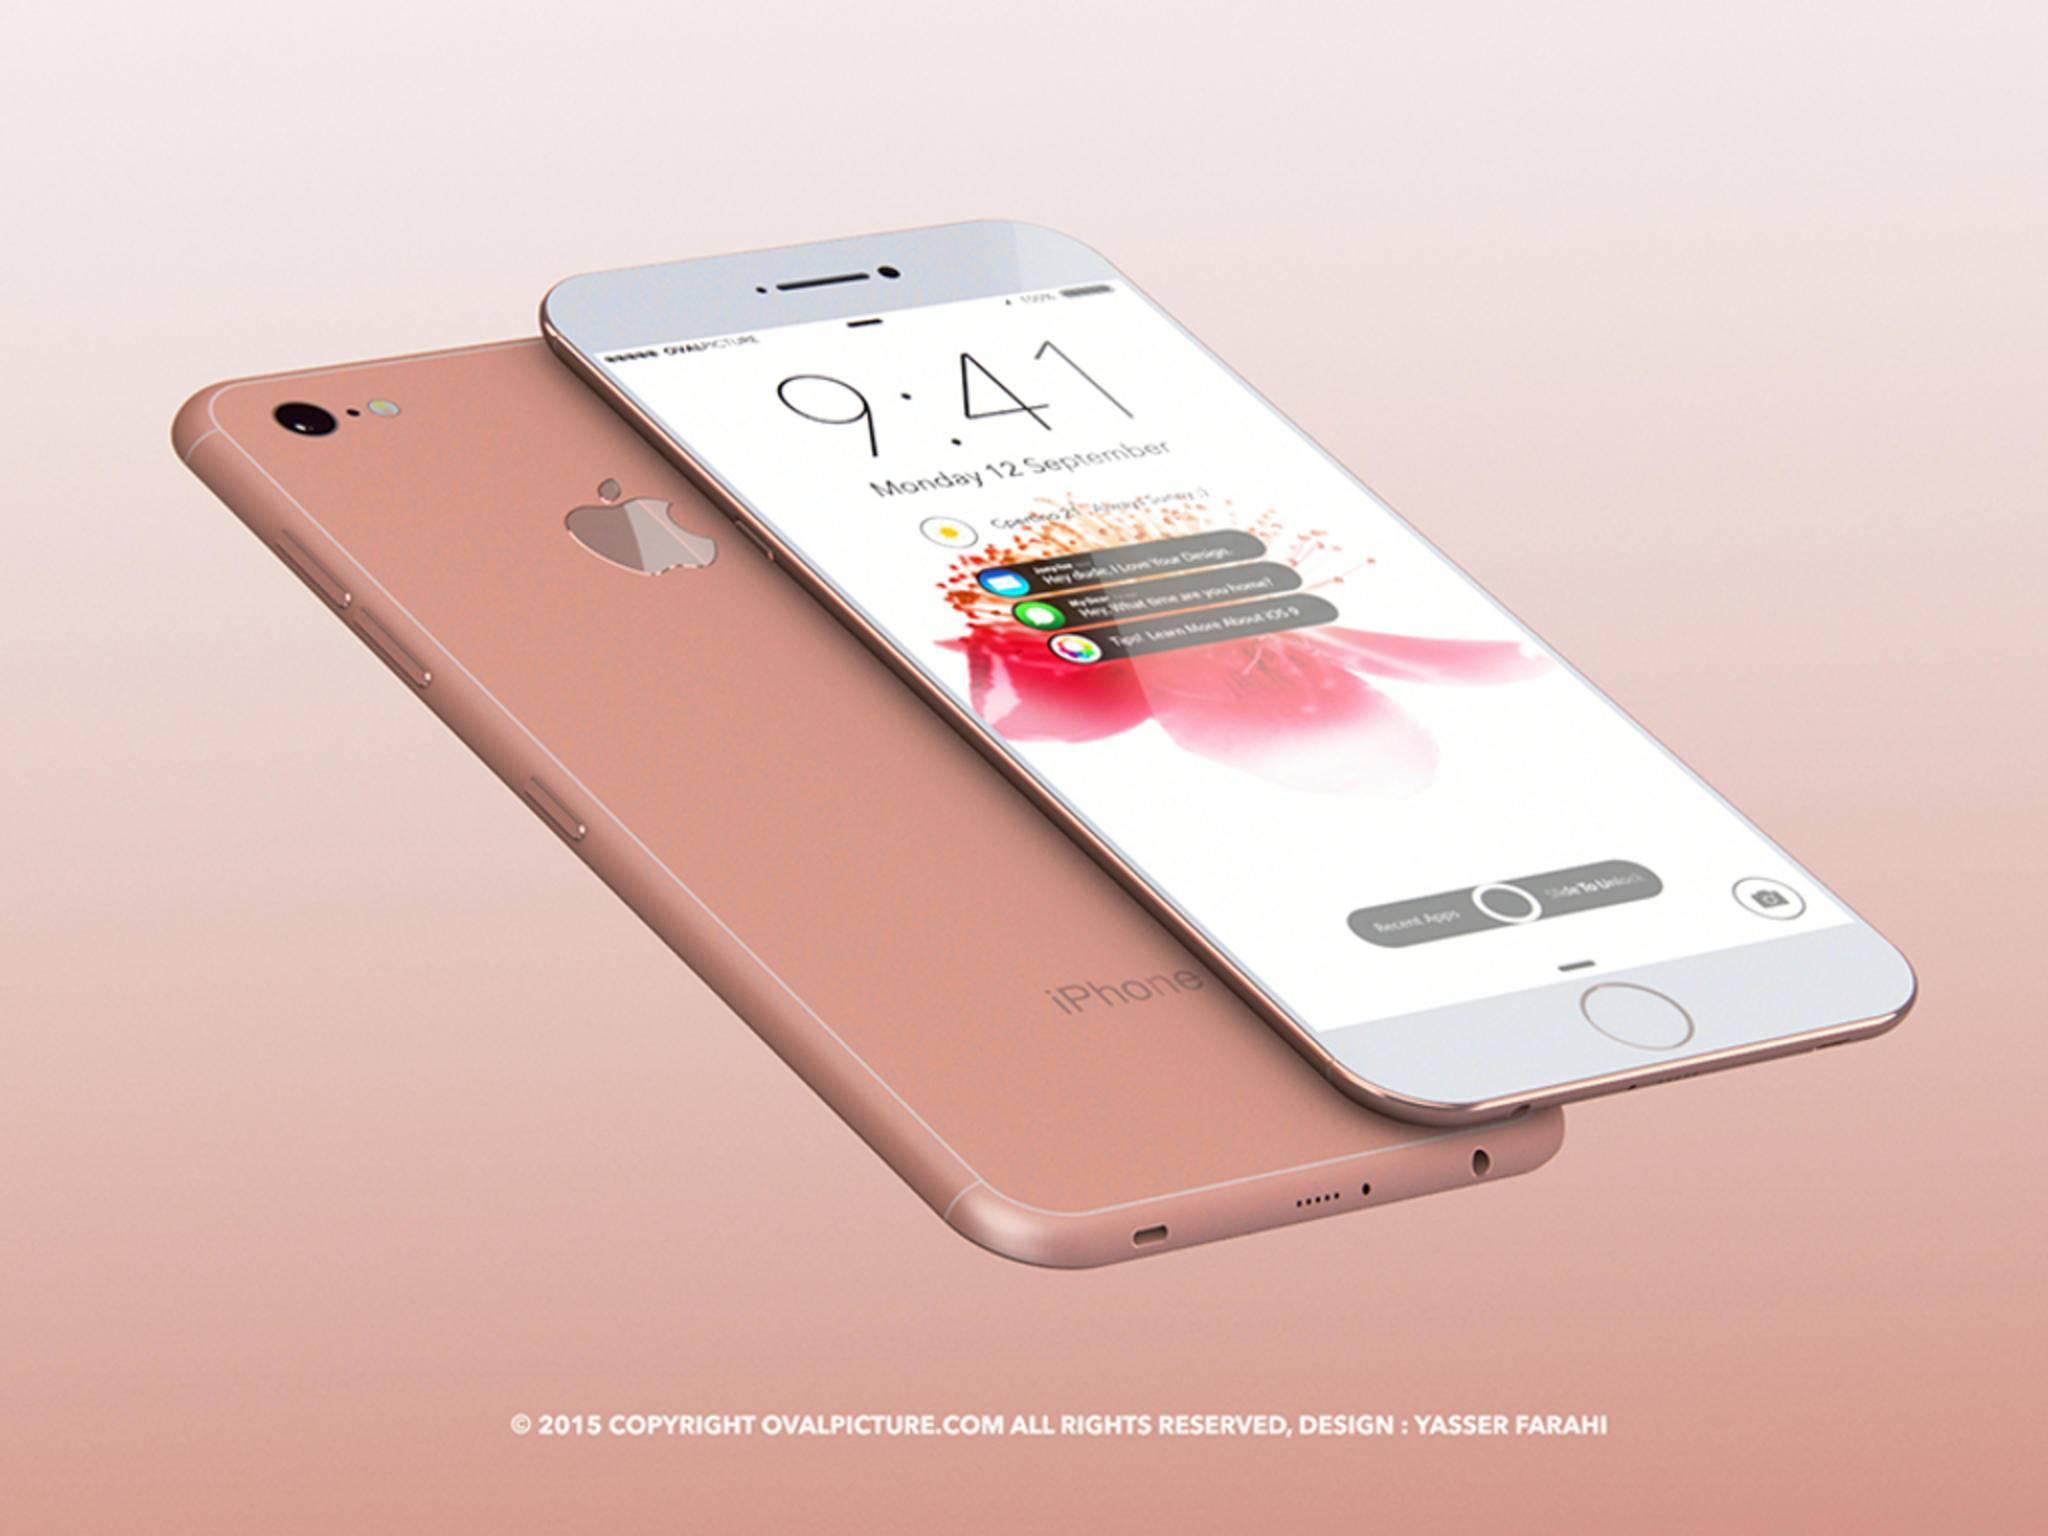 So könnte das iPhone 7 laut Designer Yasser Farahi aussehen.